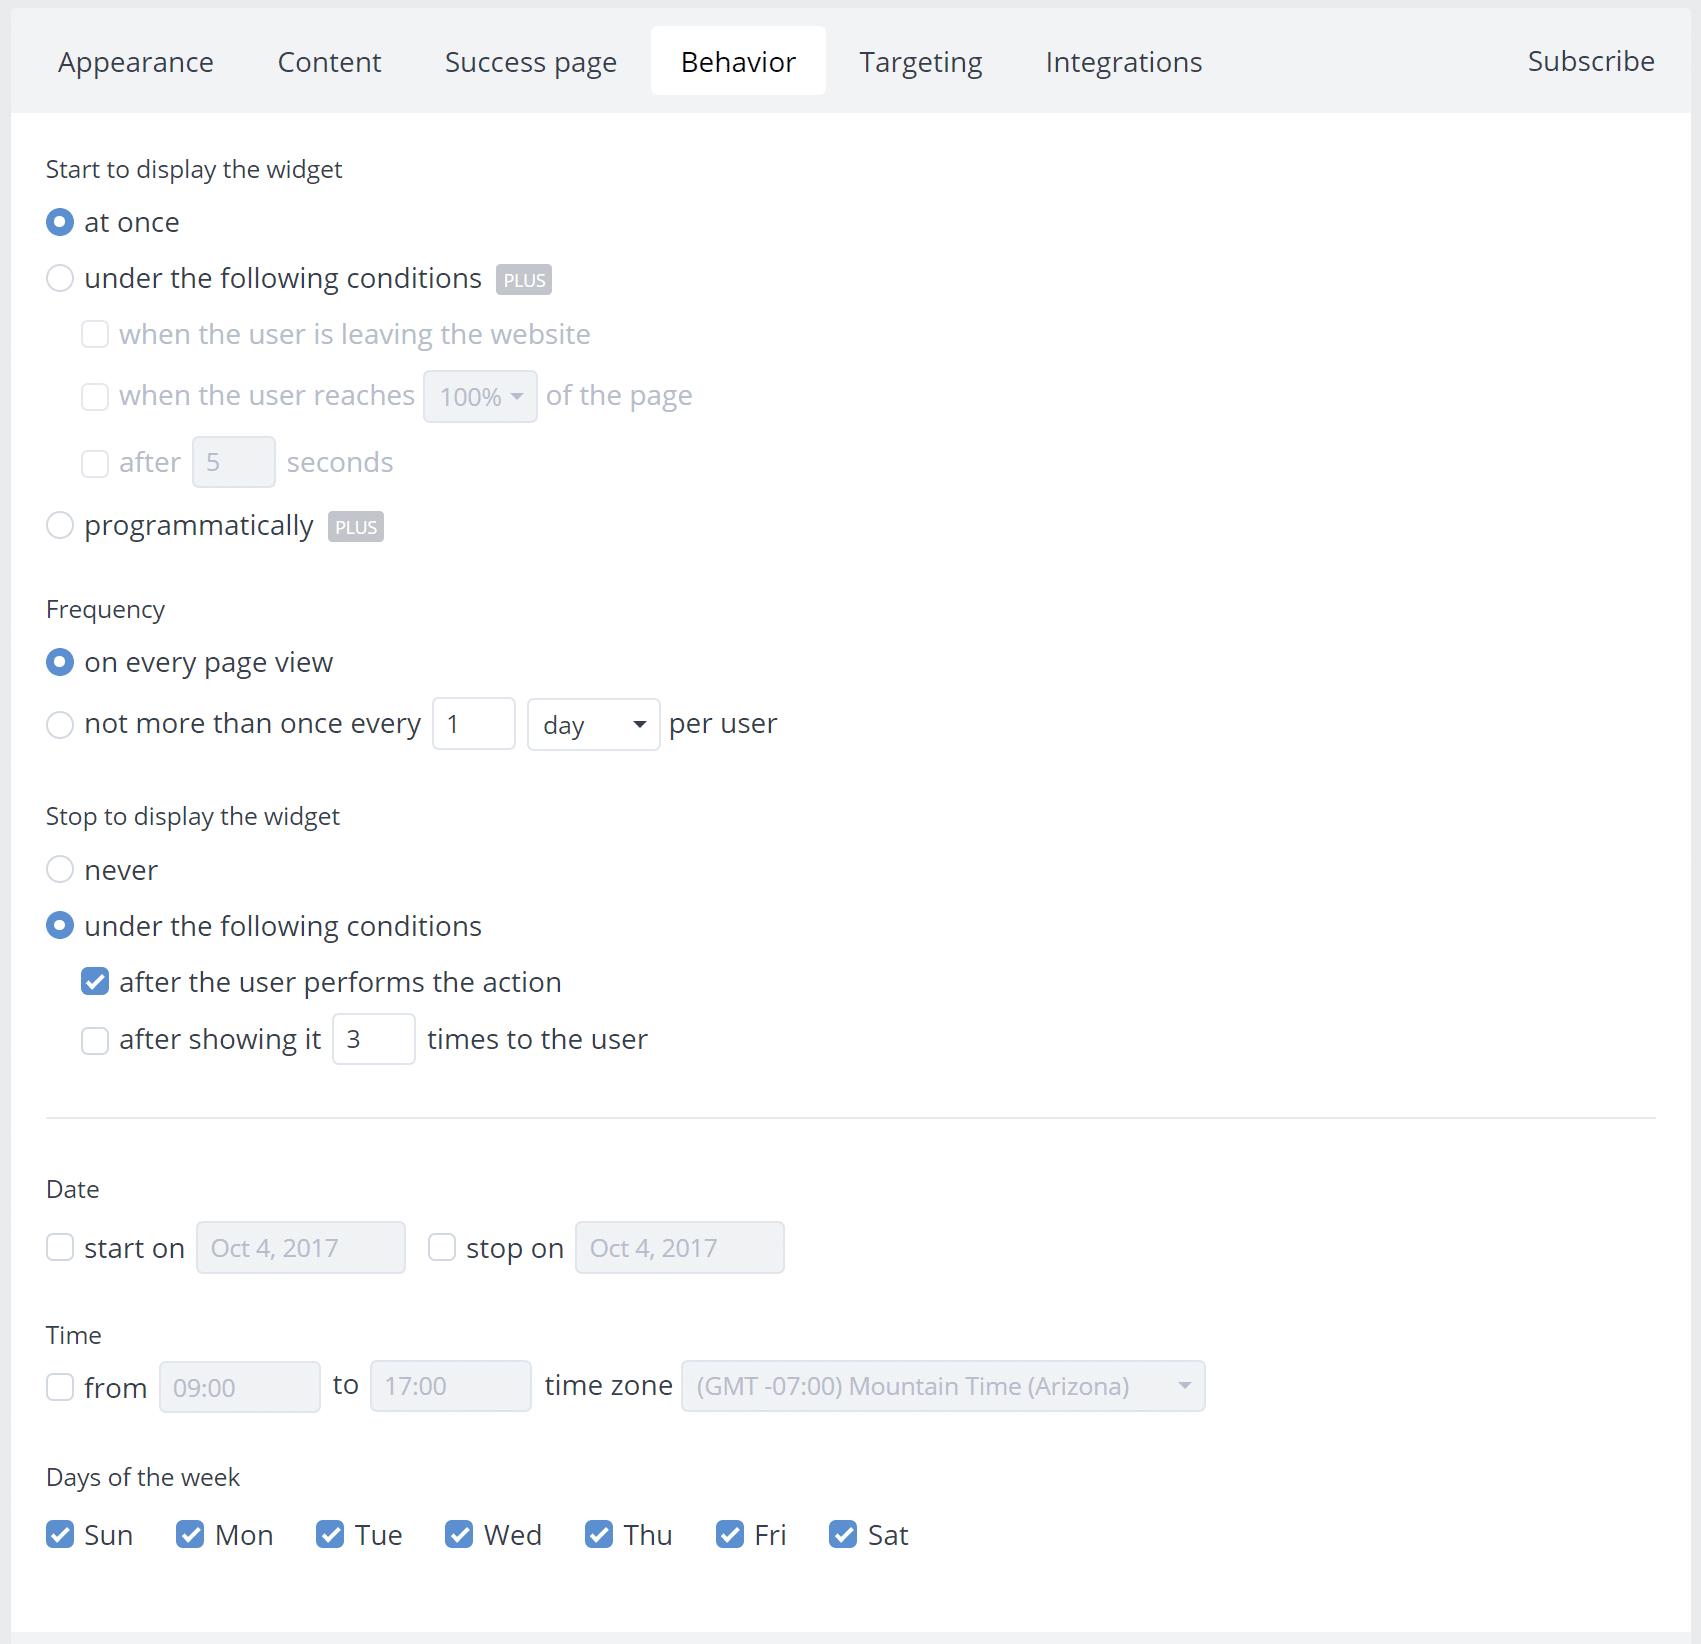 Subscribe widget behavior